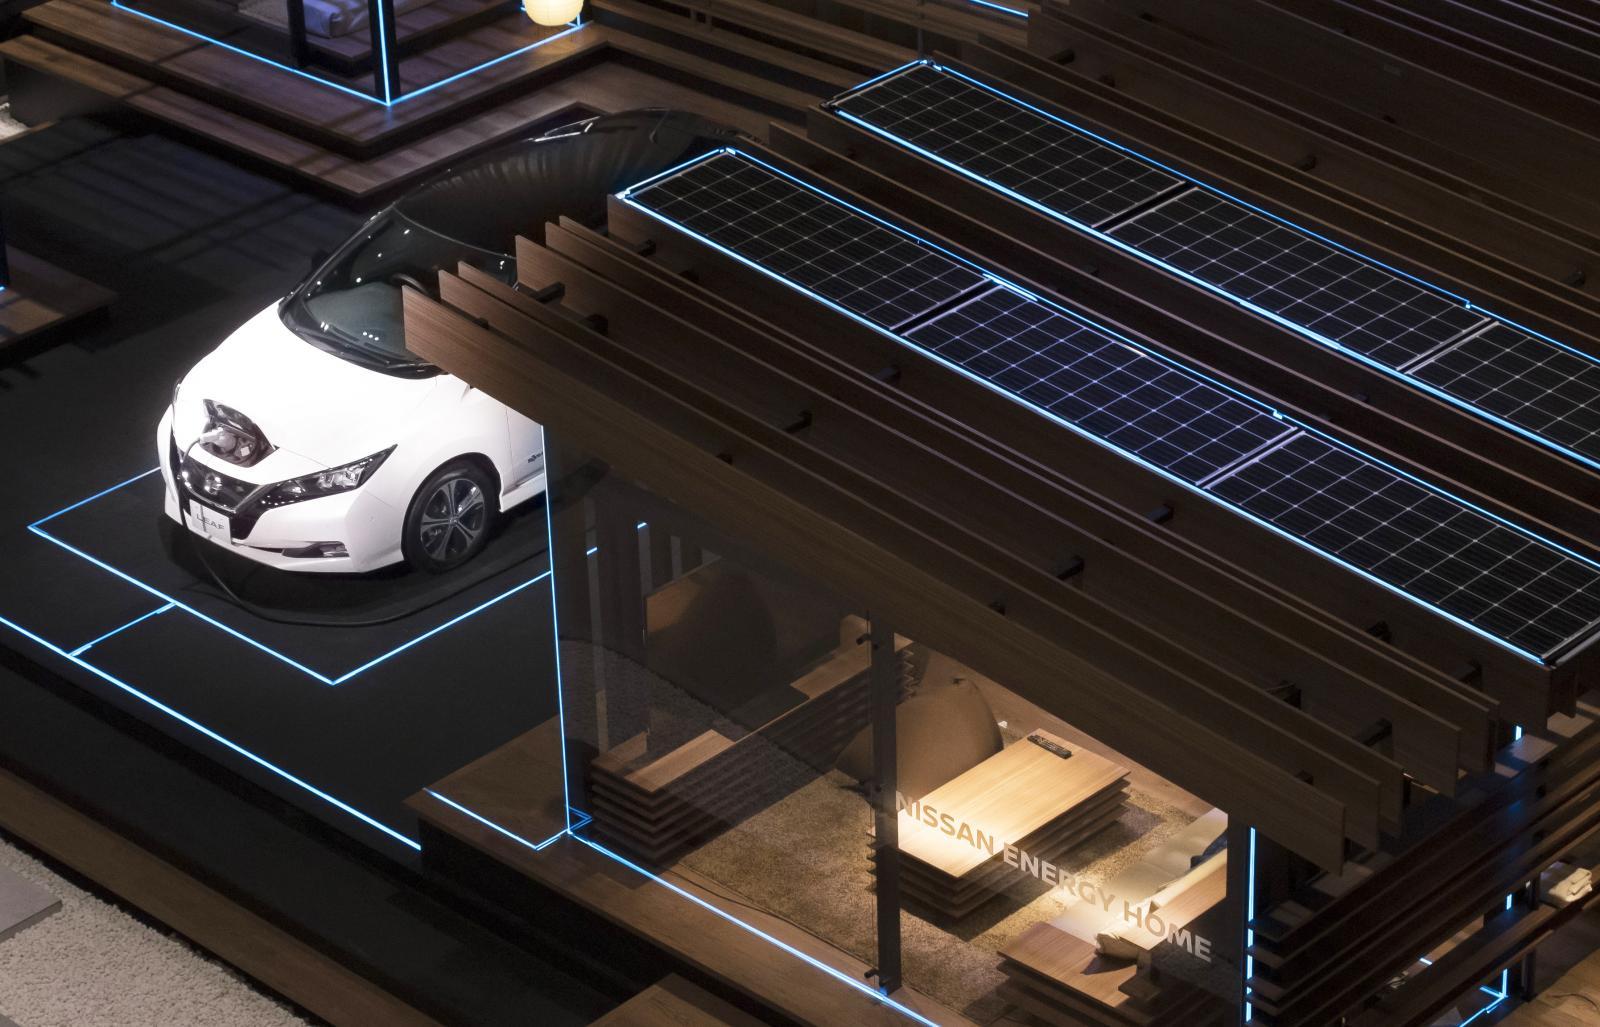 Nissan har visat upp ett smart hem med solcellspaneler och möjlighet att använda elbilen Leaf som ett extra batteri.